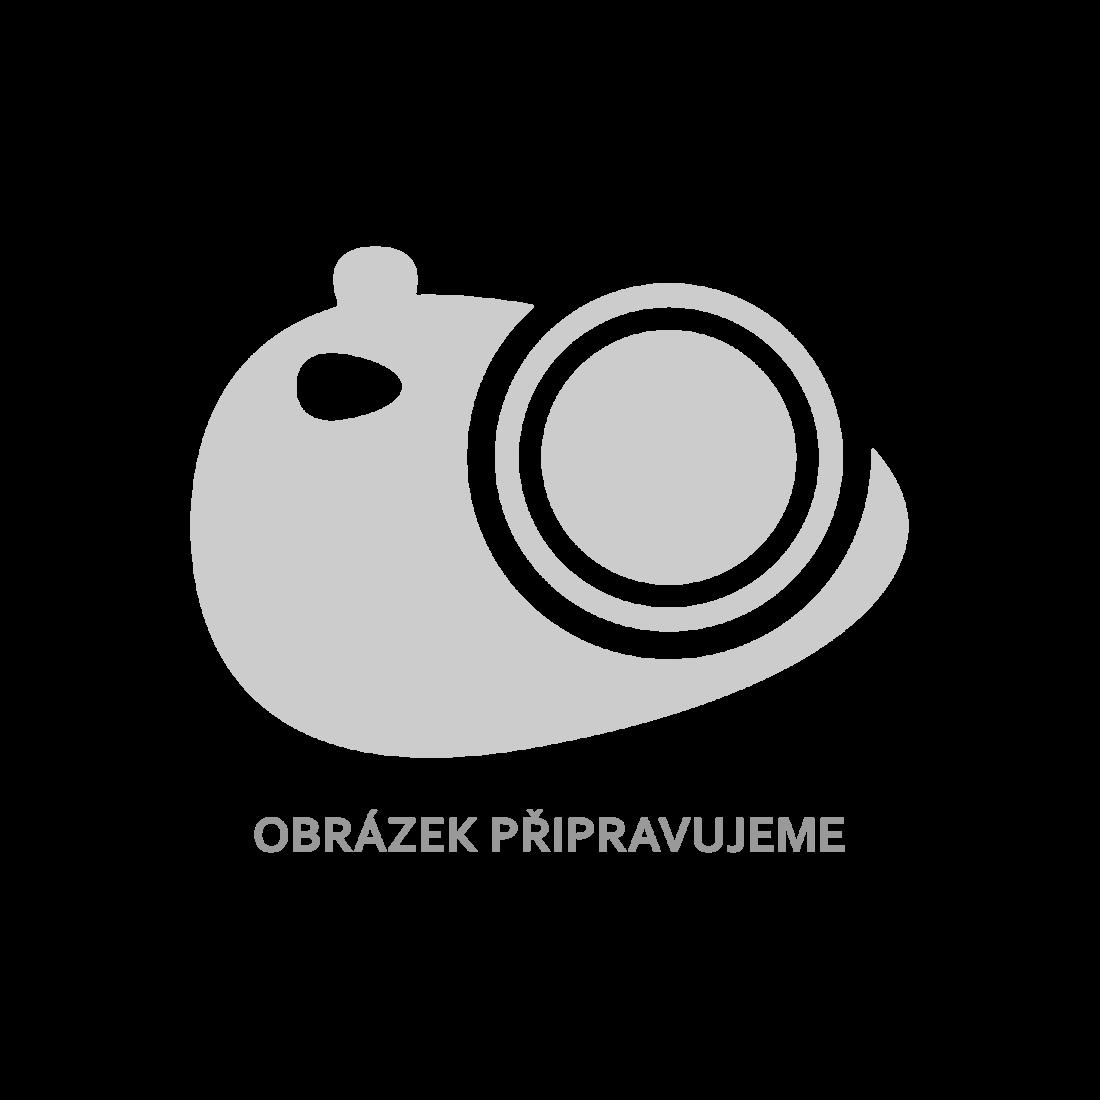 vidaXL 4 výškově nastavitelné stolové nohy 1100 mm černé [242150]